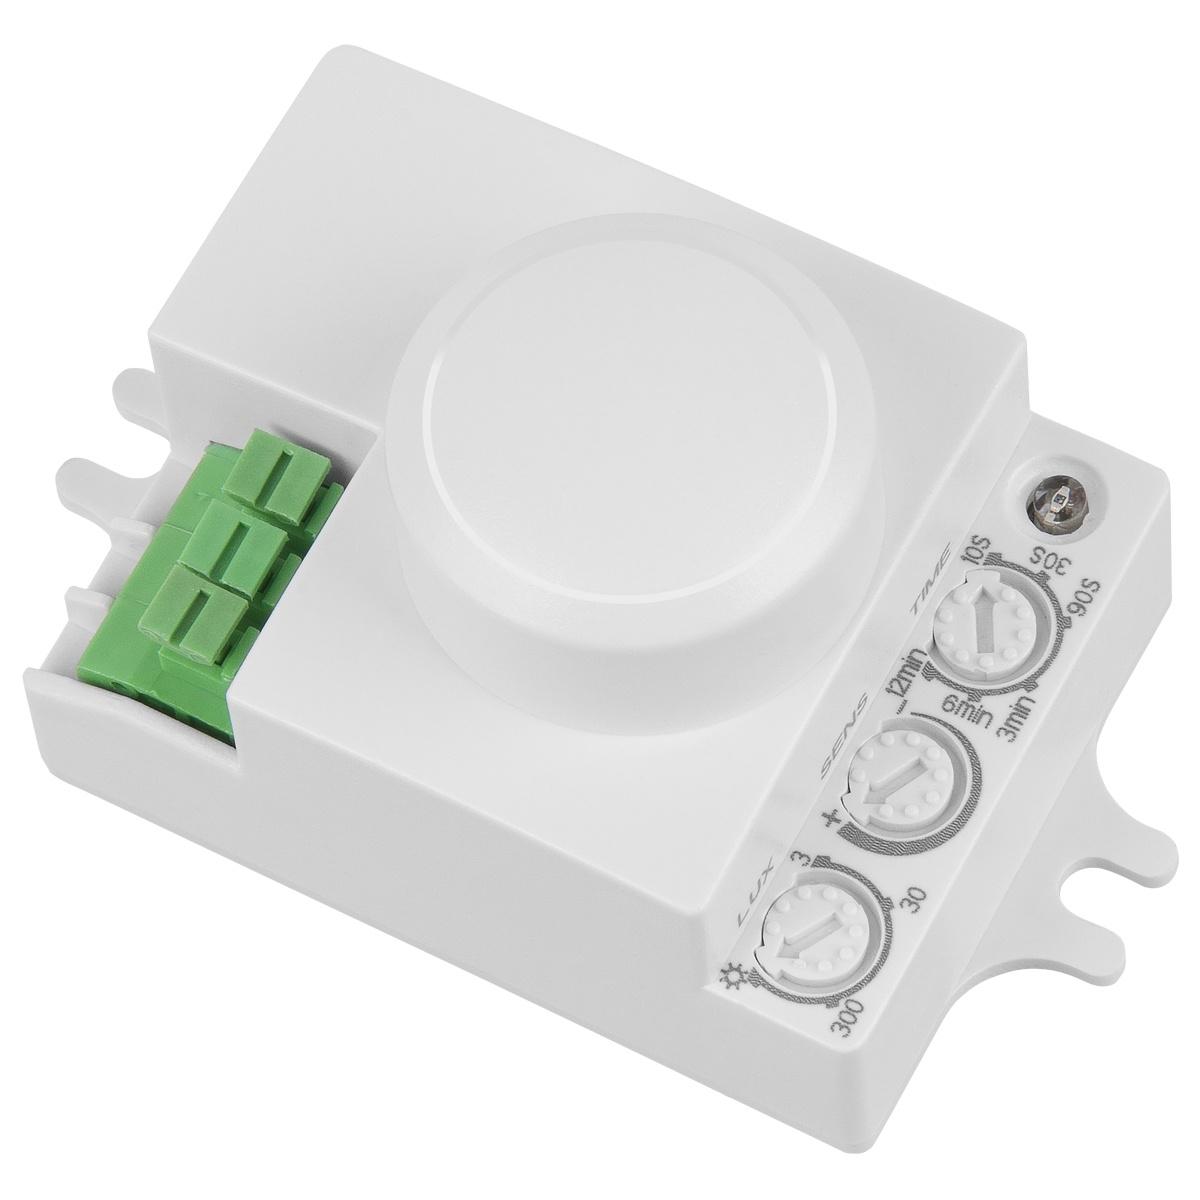 SNS-M-06 / датчик движения / MCW 1200W R16m